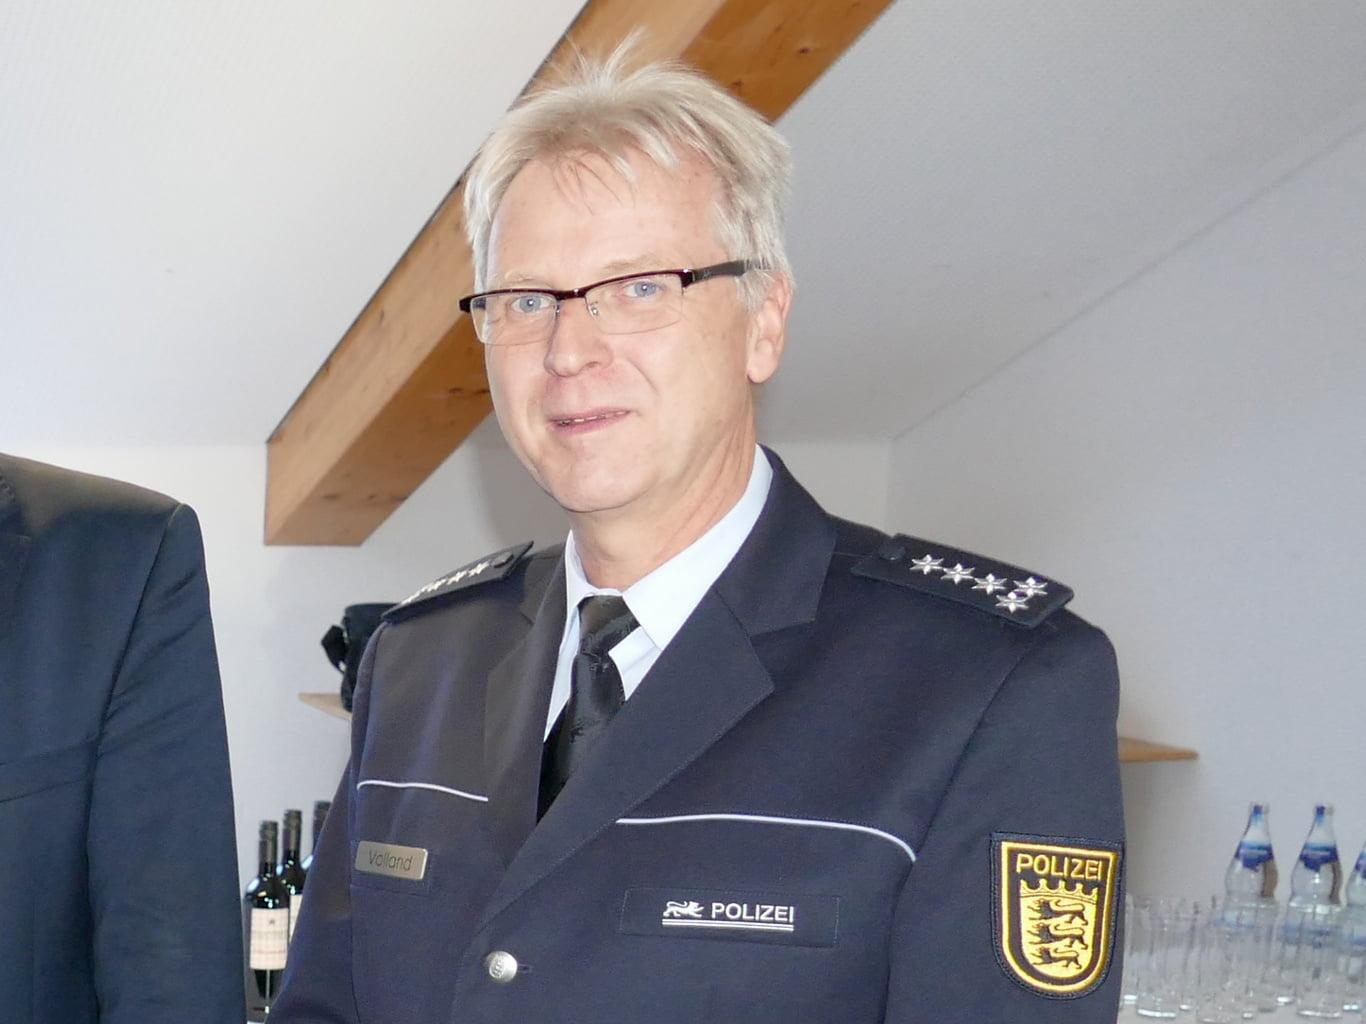 Polizei Bad Schönborn